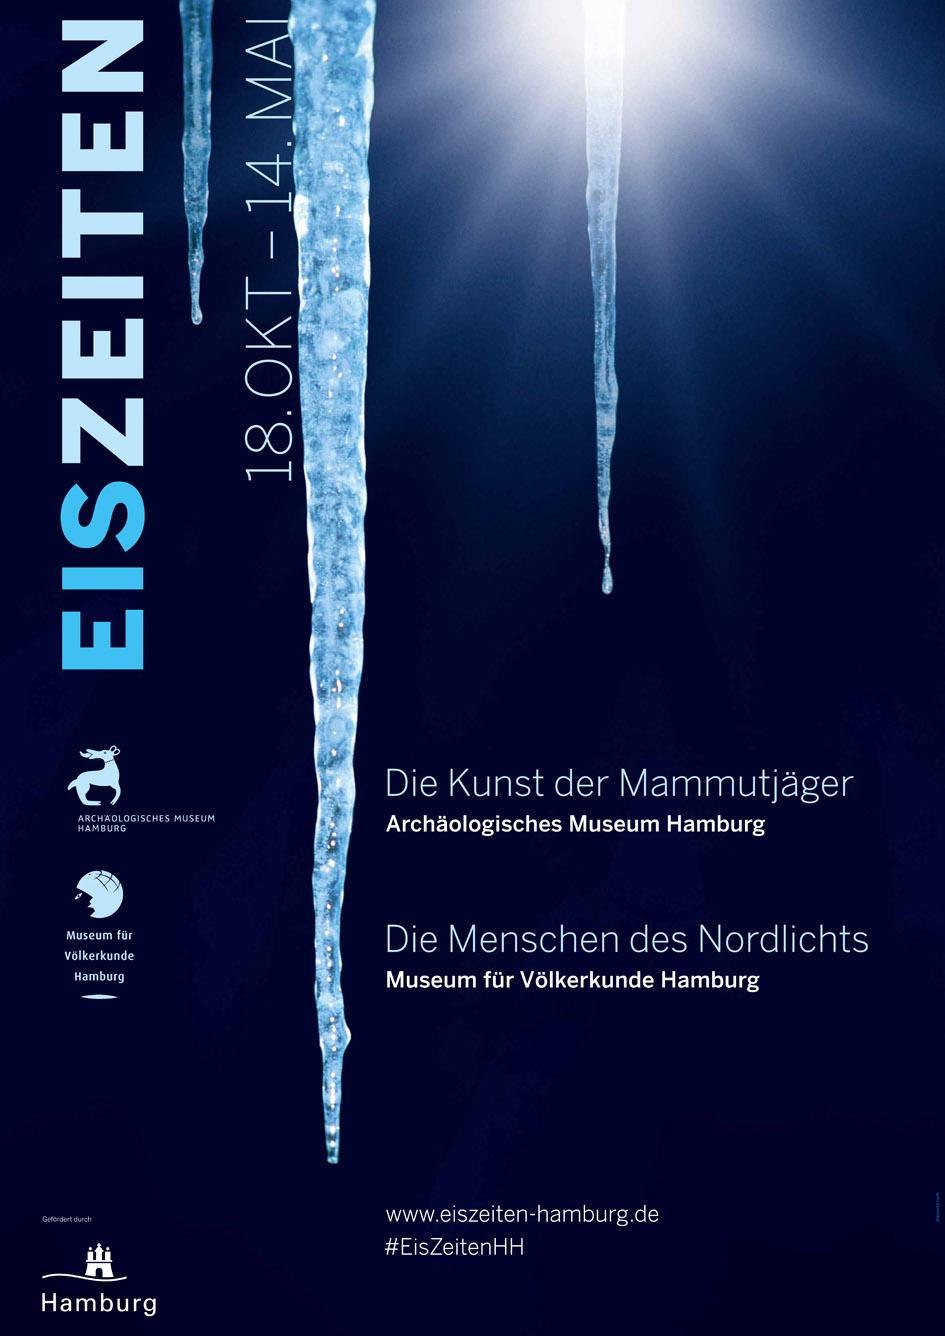 EisZeiten Plakat | Sonderausstellung Archäologisches Museum Hamburg